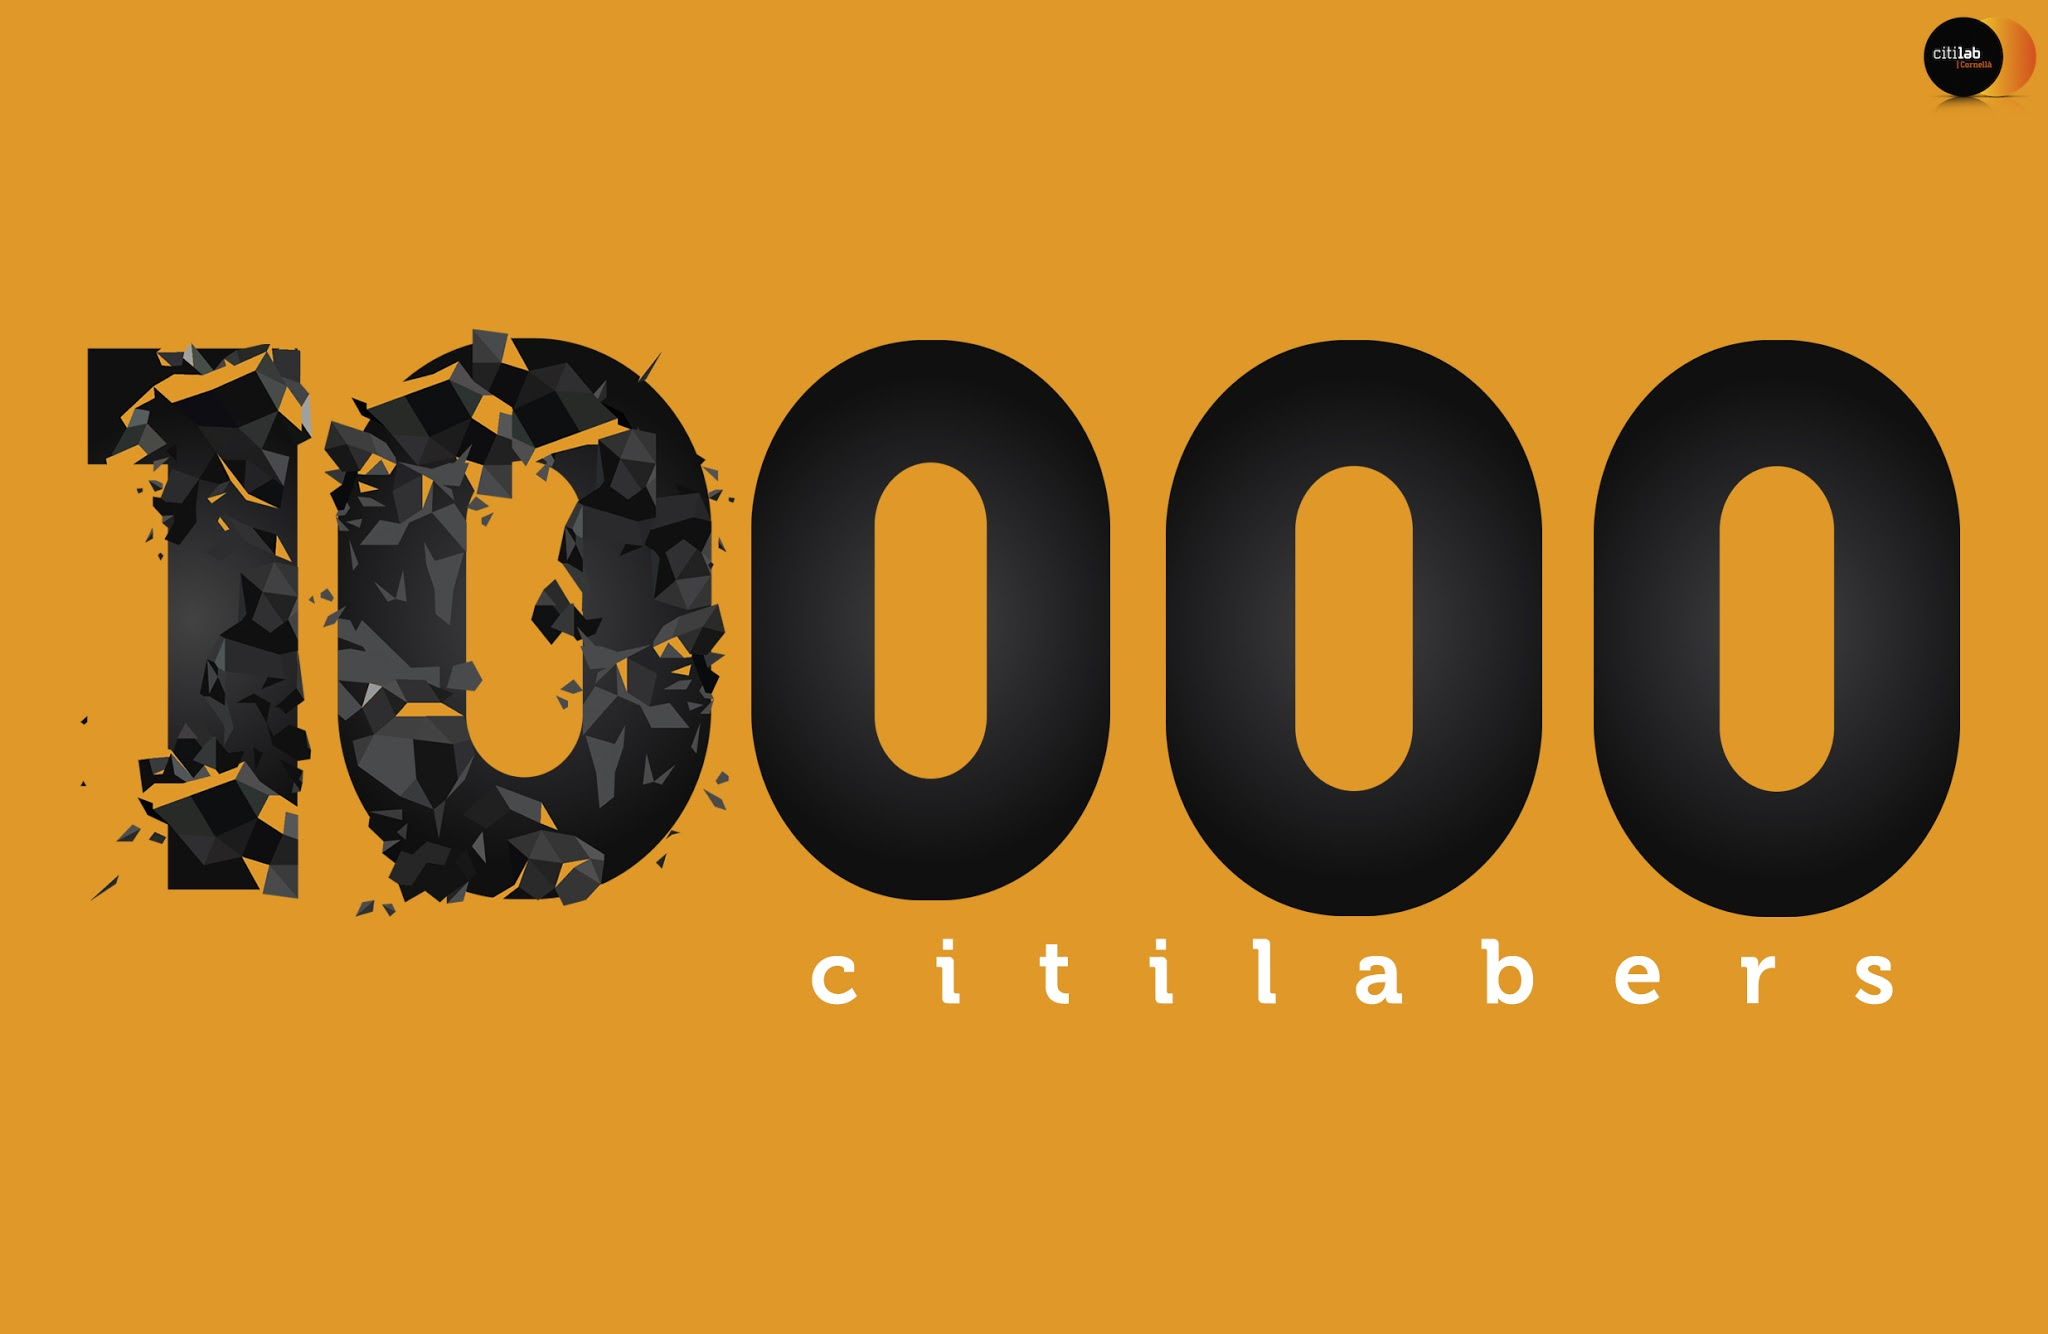 Busquem Una Dona De Cornellà Que Pugui Aportar Coneixement Sobre Innovació Social I/o Tecnològica Per Convertir-se En La Citilaber 10.000!